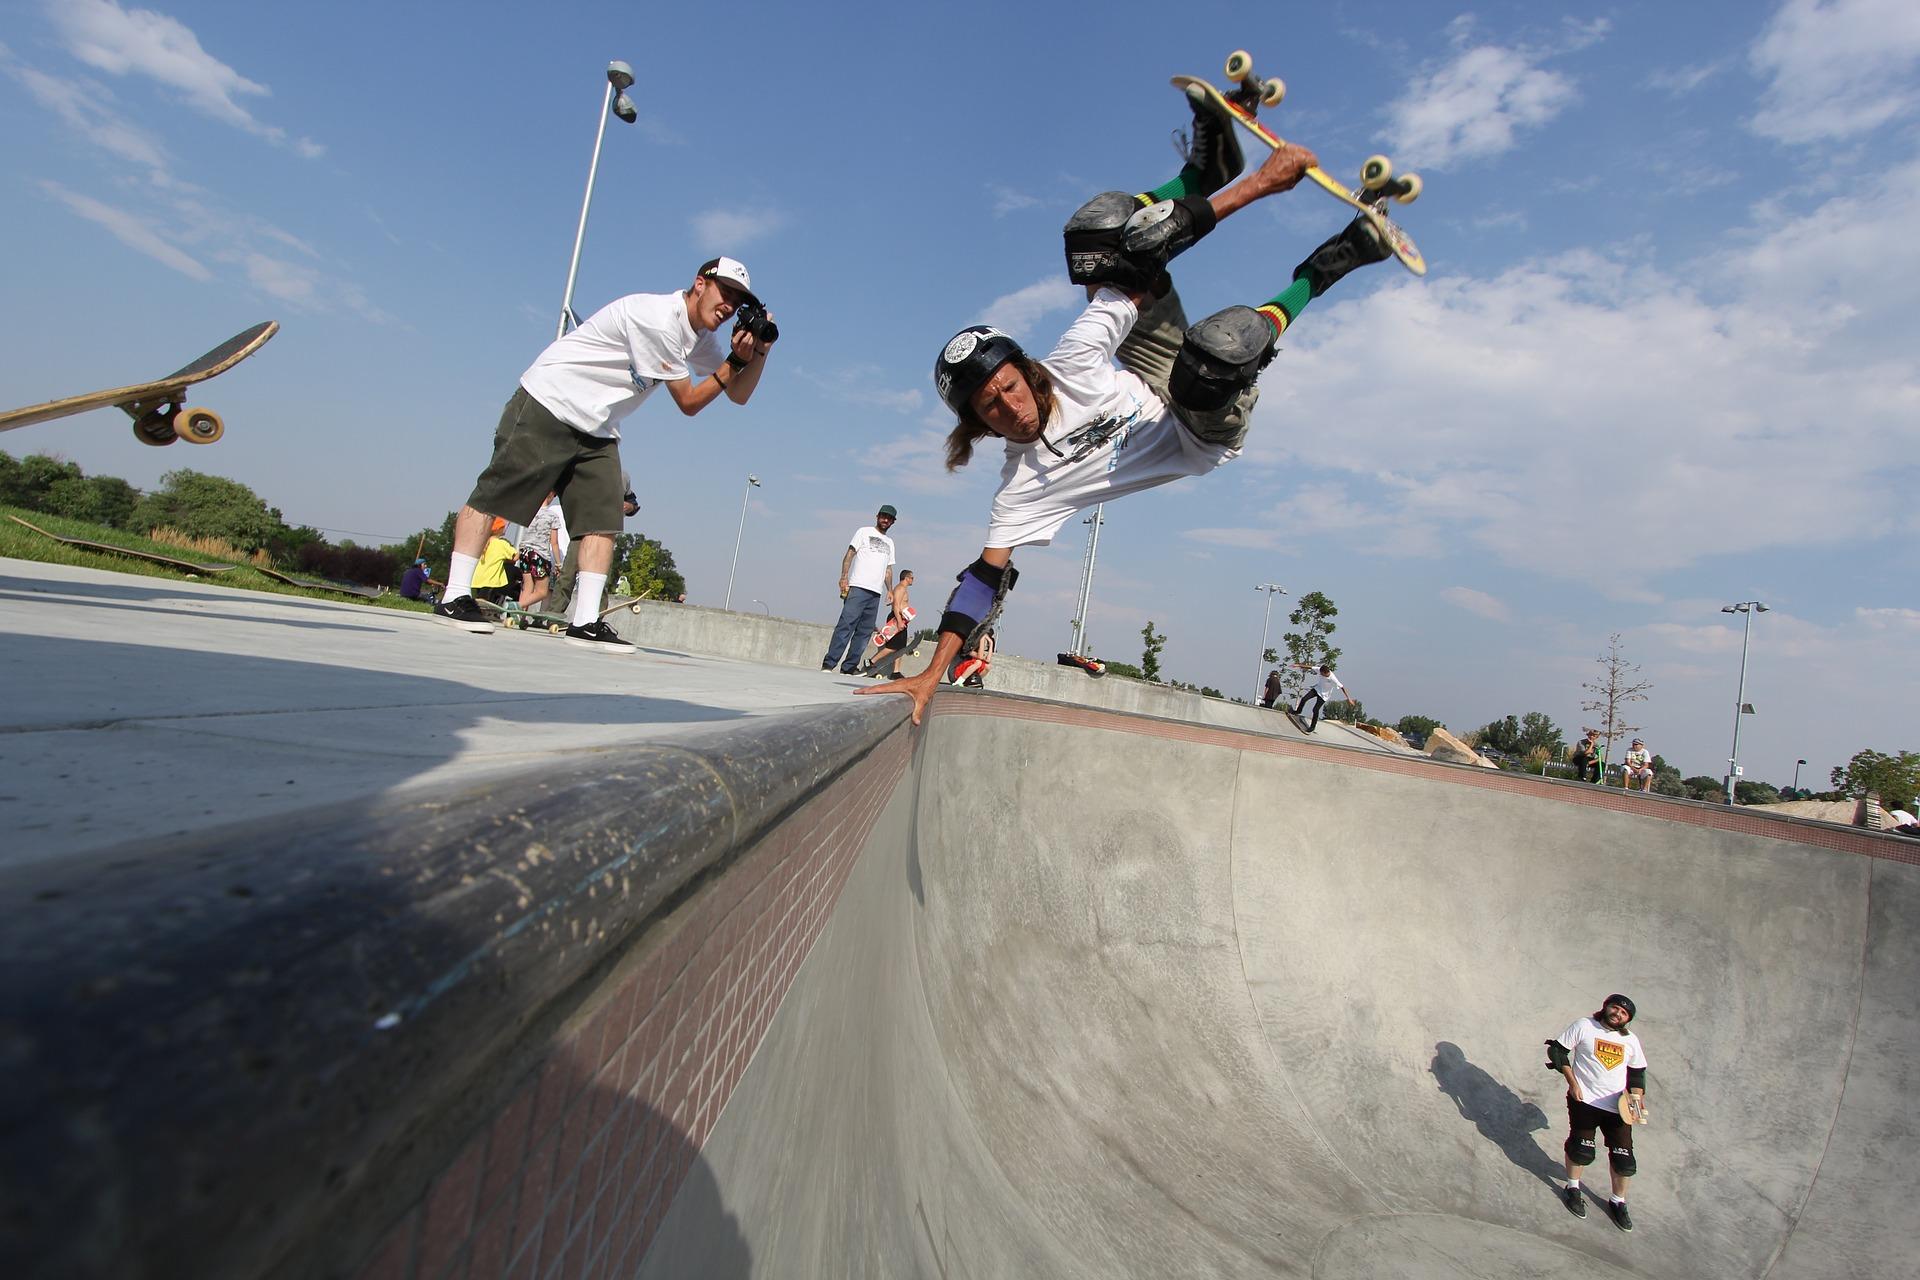 Meilleurs SkateParks à Toulouse - Skatepark Ernest Renan